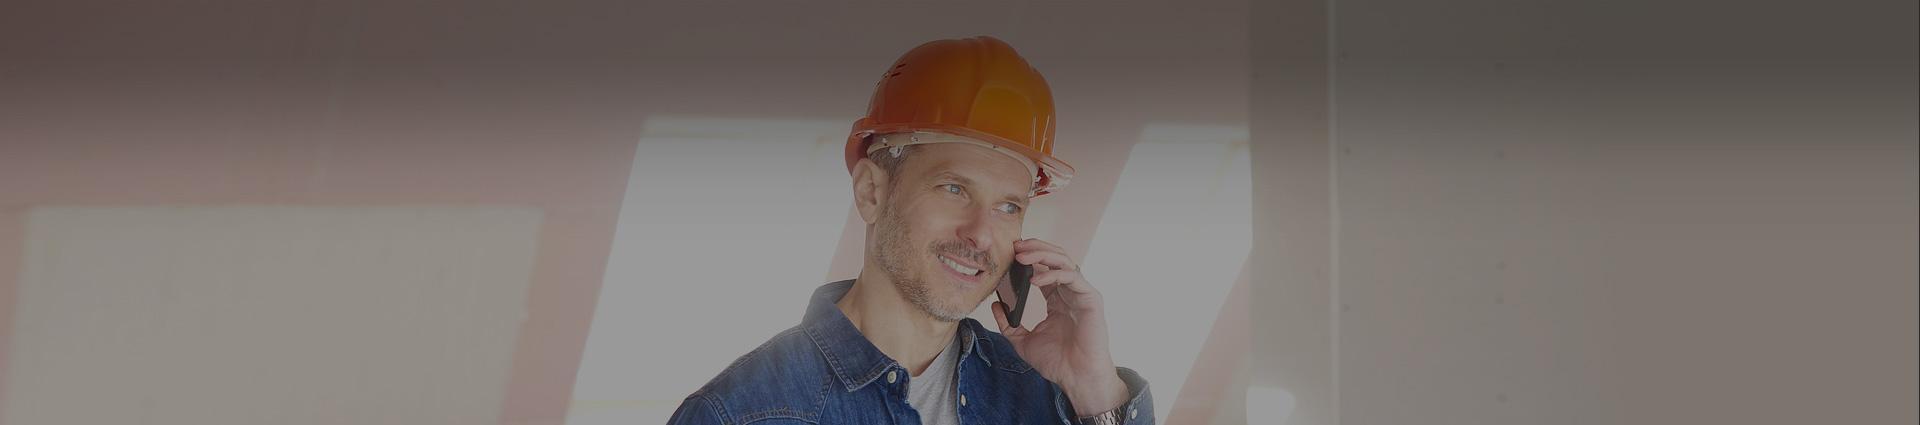 specjalista rozmawiający przez telefon